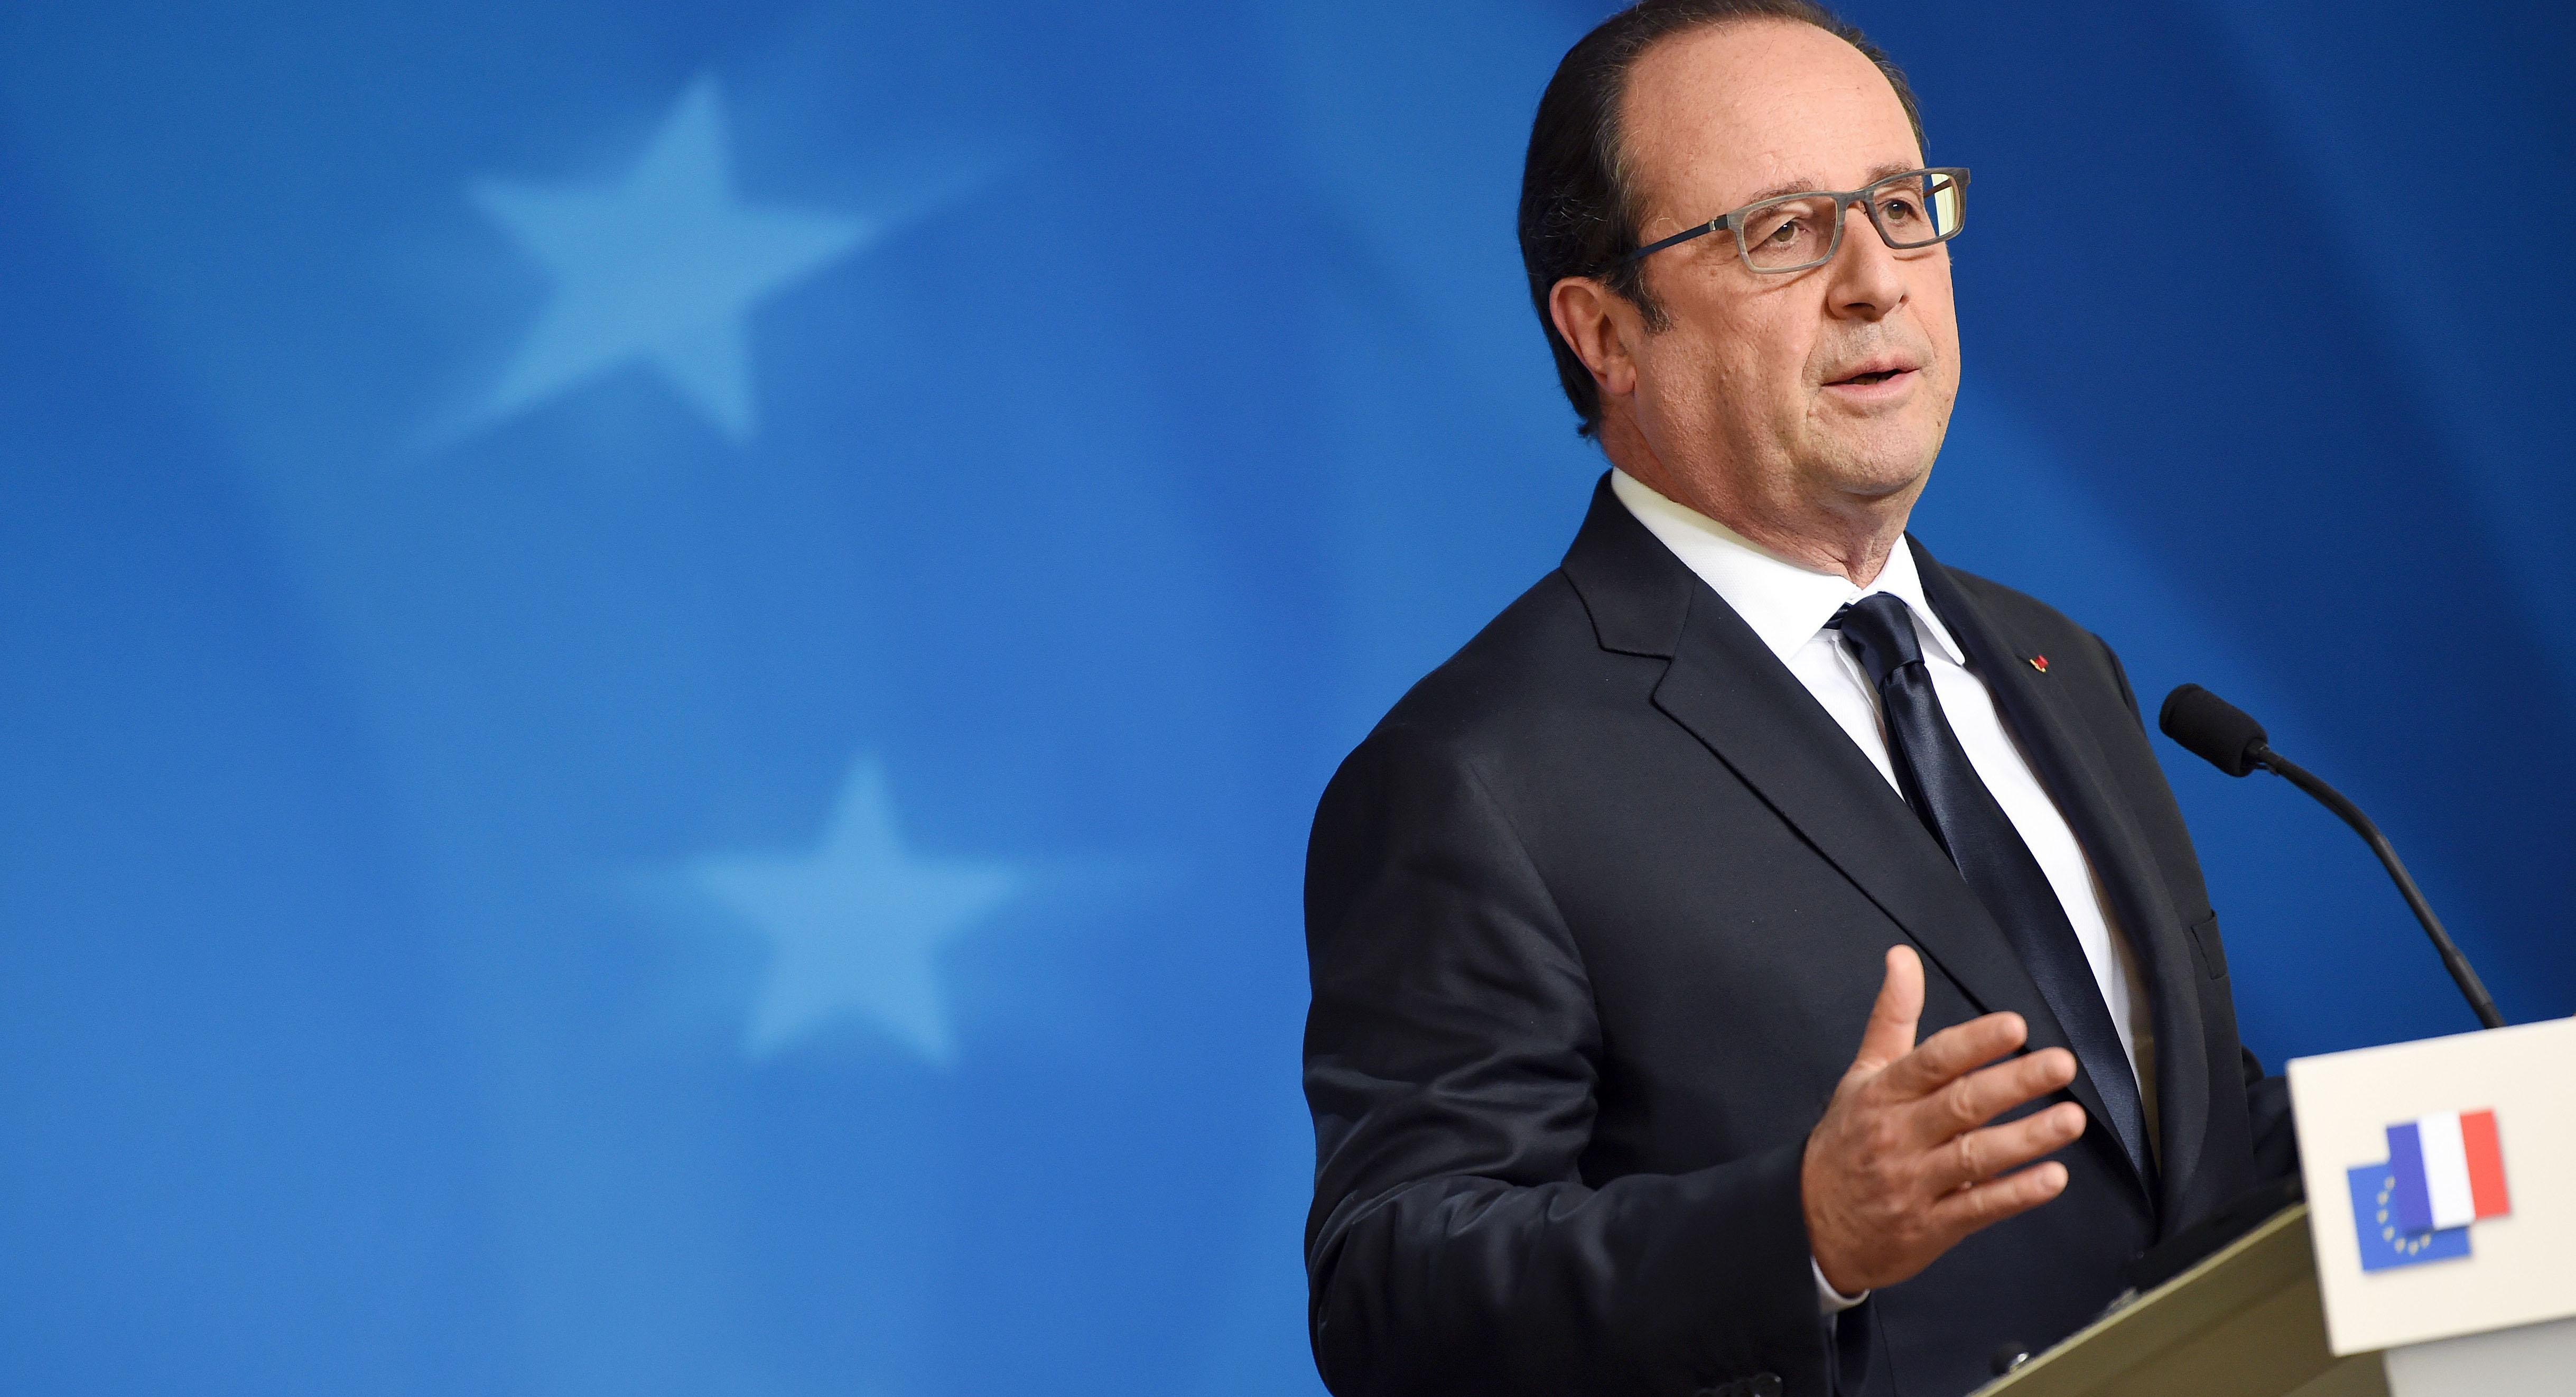 Fostul-președinte-francez-Francois-Hollande-a-exercitat-presiuni-asupra-autorităților-române